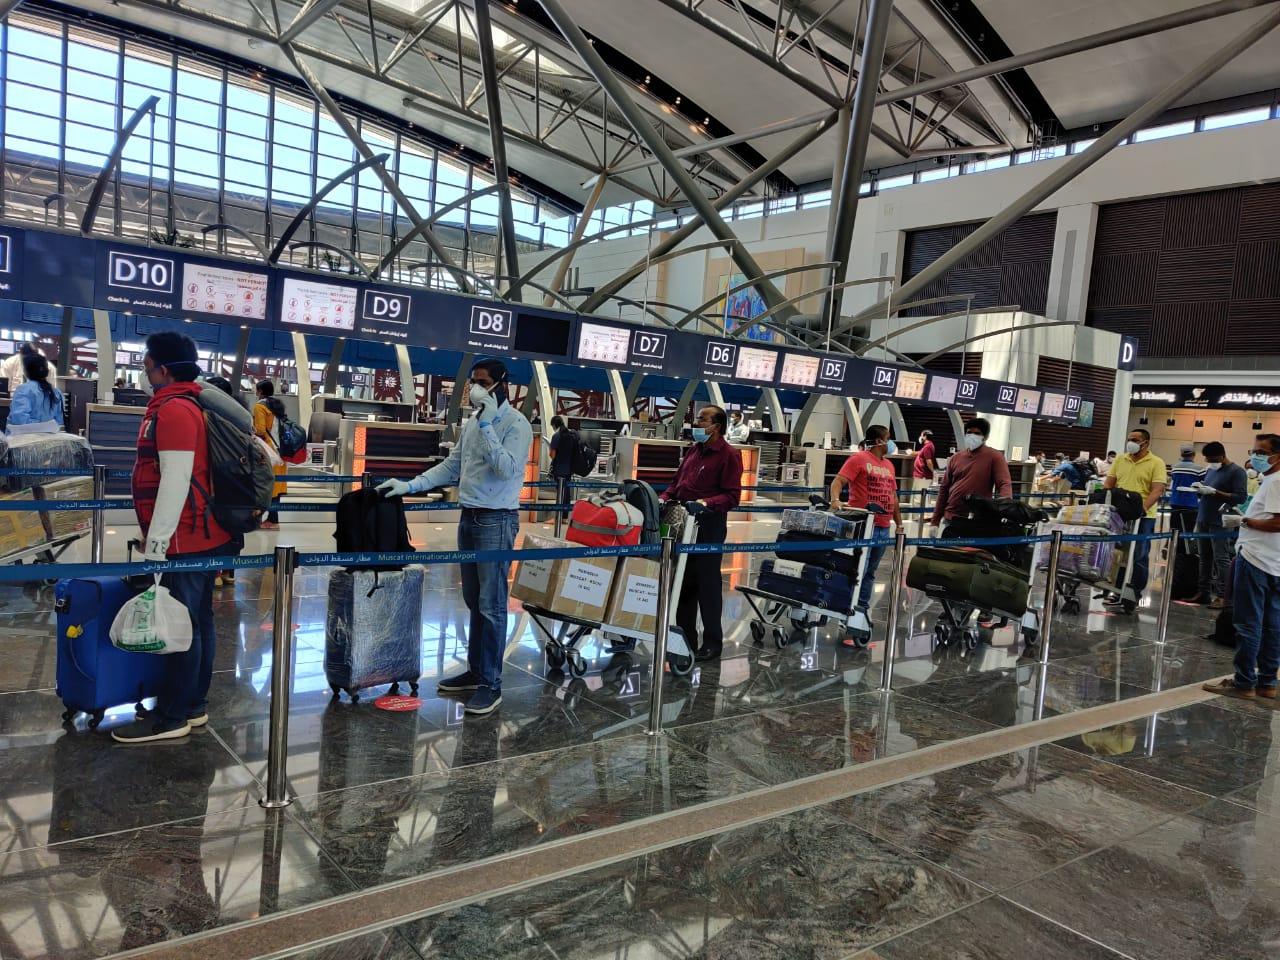 Omani, Indian expats return home on evacuation flights